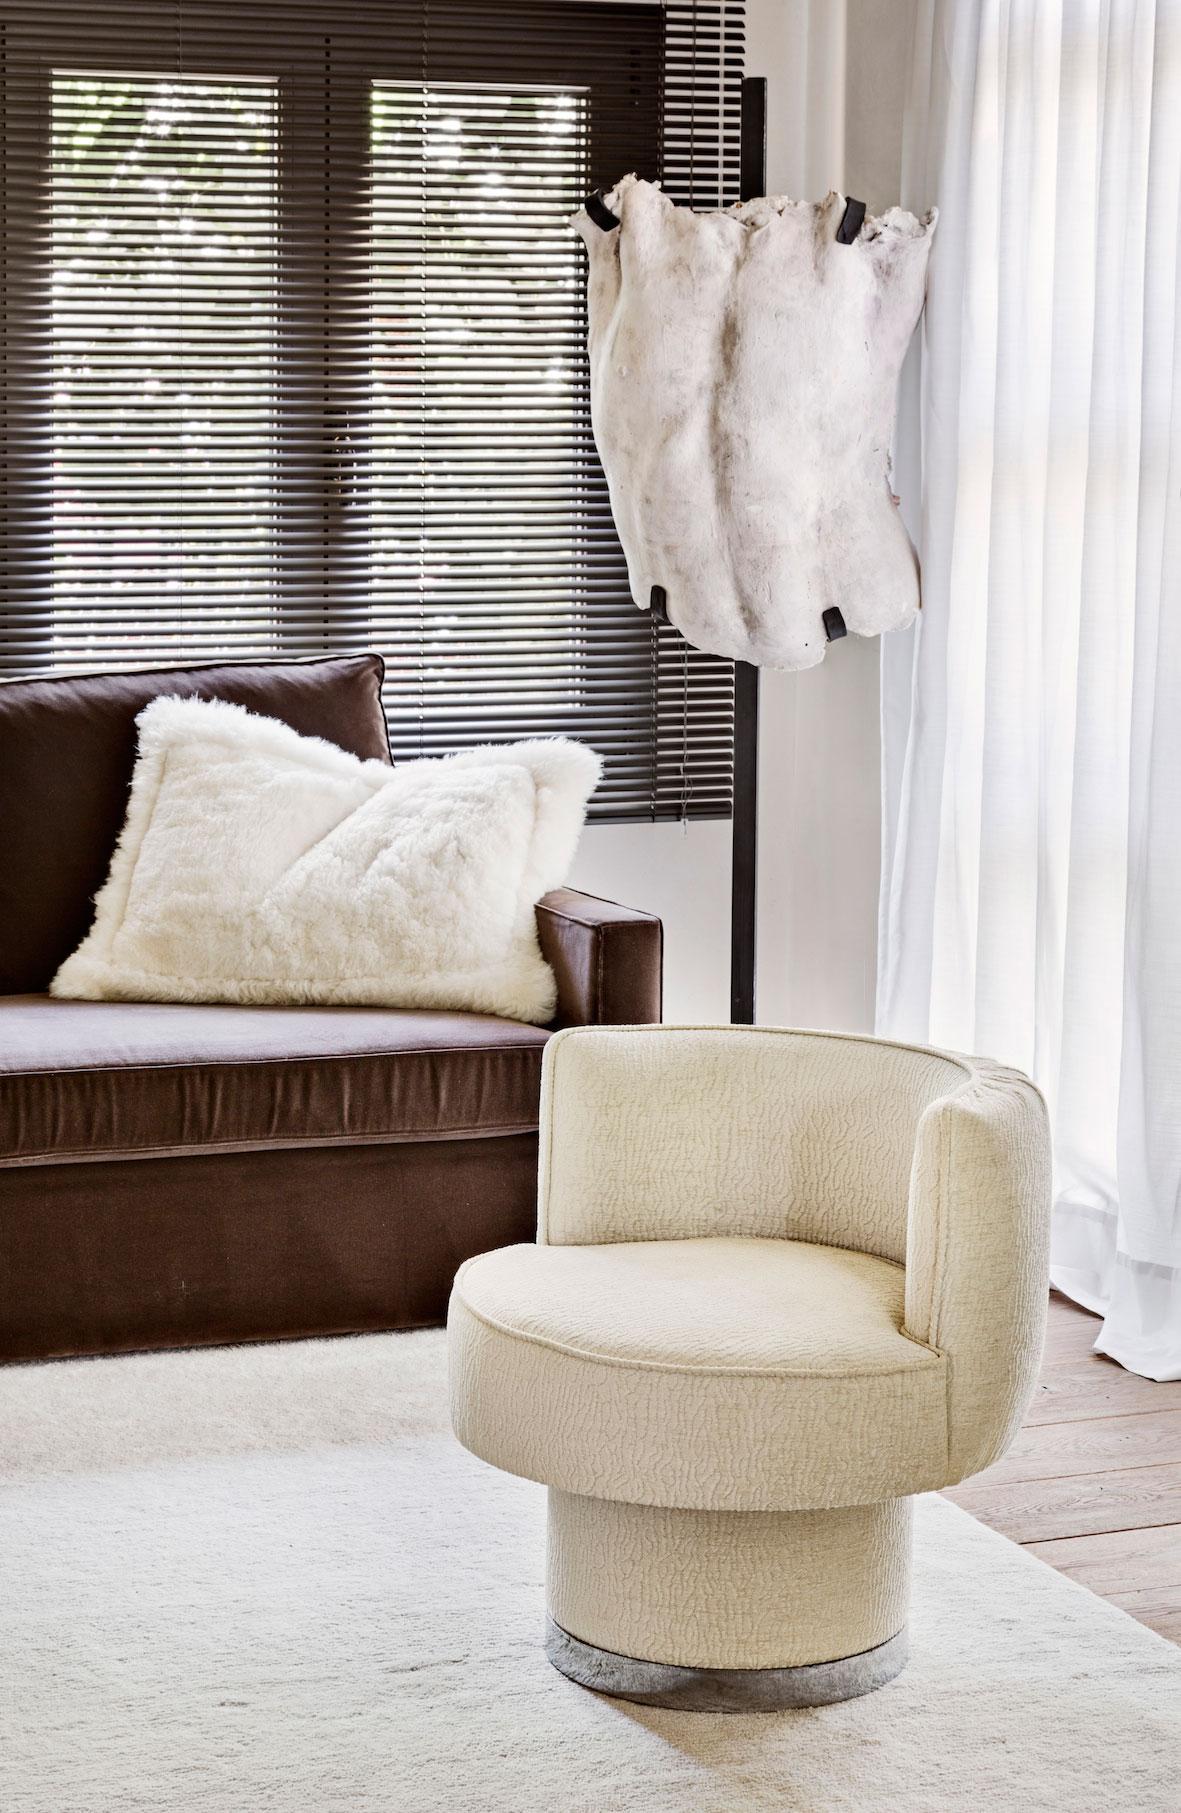 serge-castella-interiors-city-apartment-05